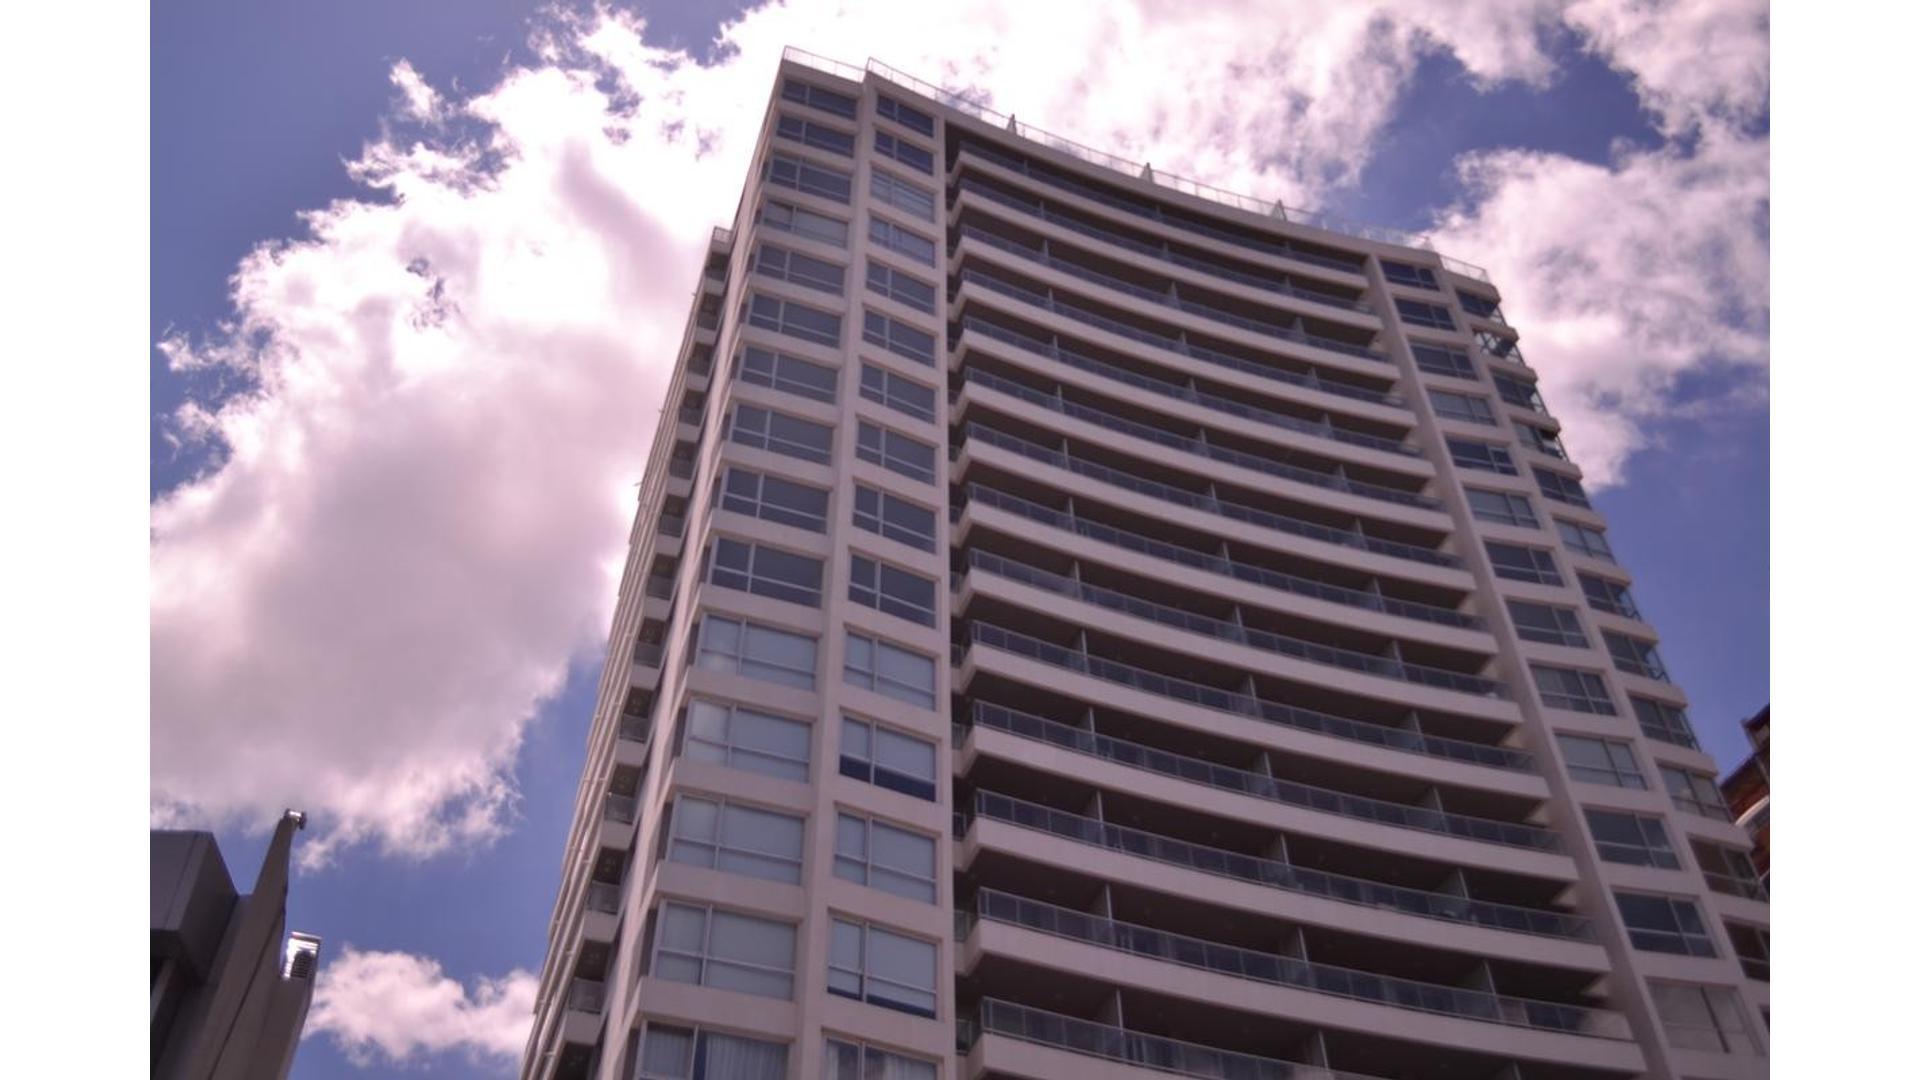 Excelente unidad en 2 amb con vista lateral Rio.Totalmente terminada con pisos porcelanato ilva alac